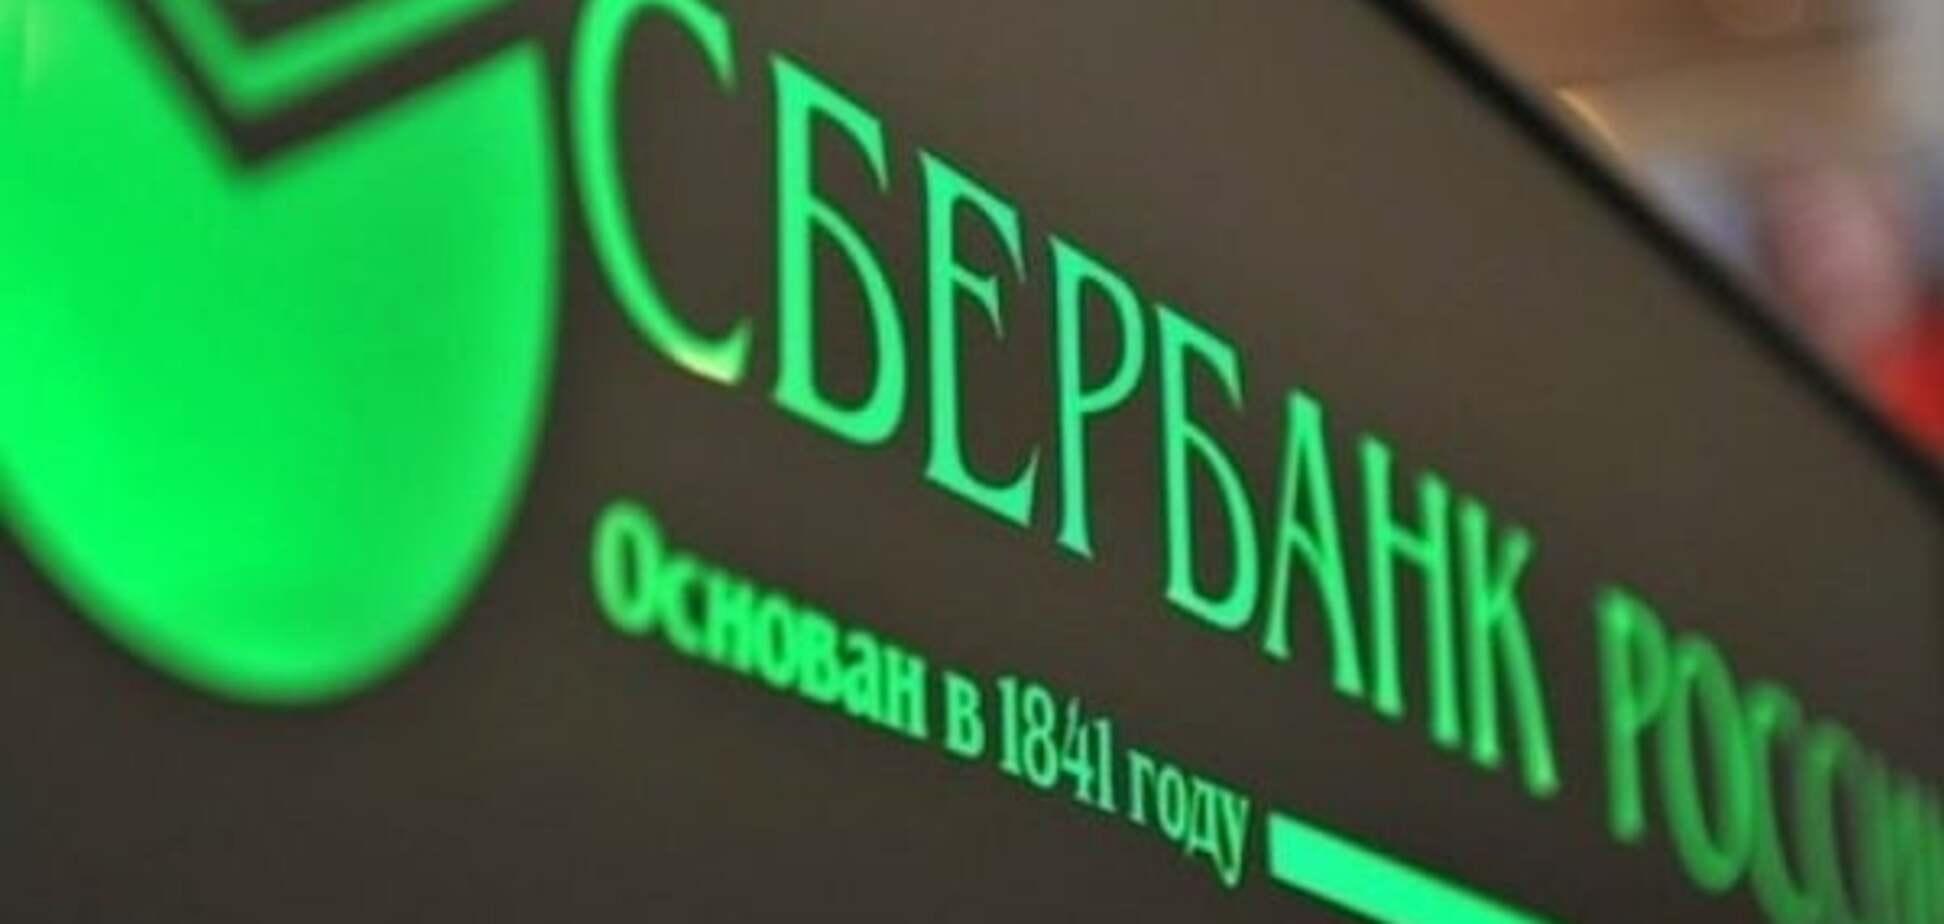 Лещенко розплатився за нову квартиру з рахунку в 'Ощадбанку Росії'